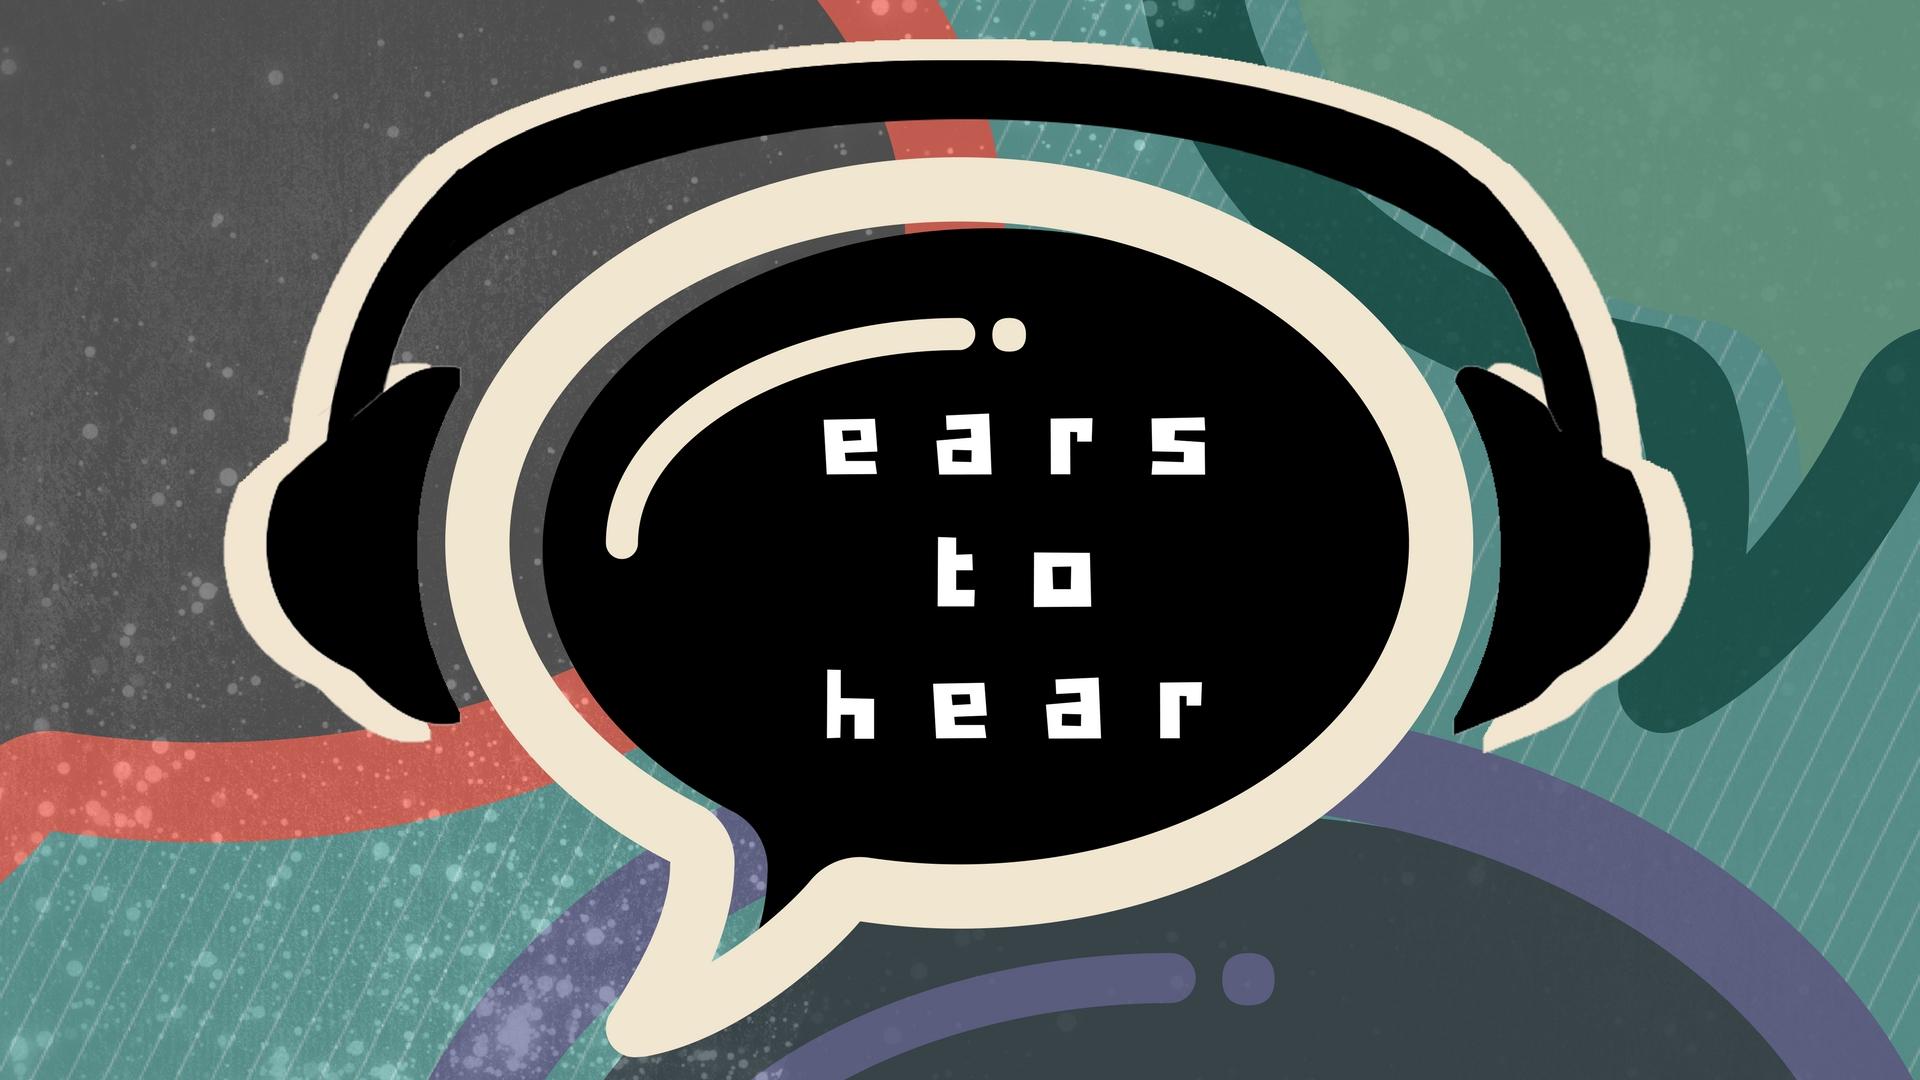 earstohear.jpg